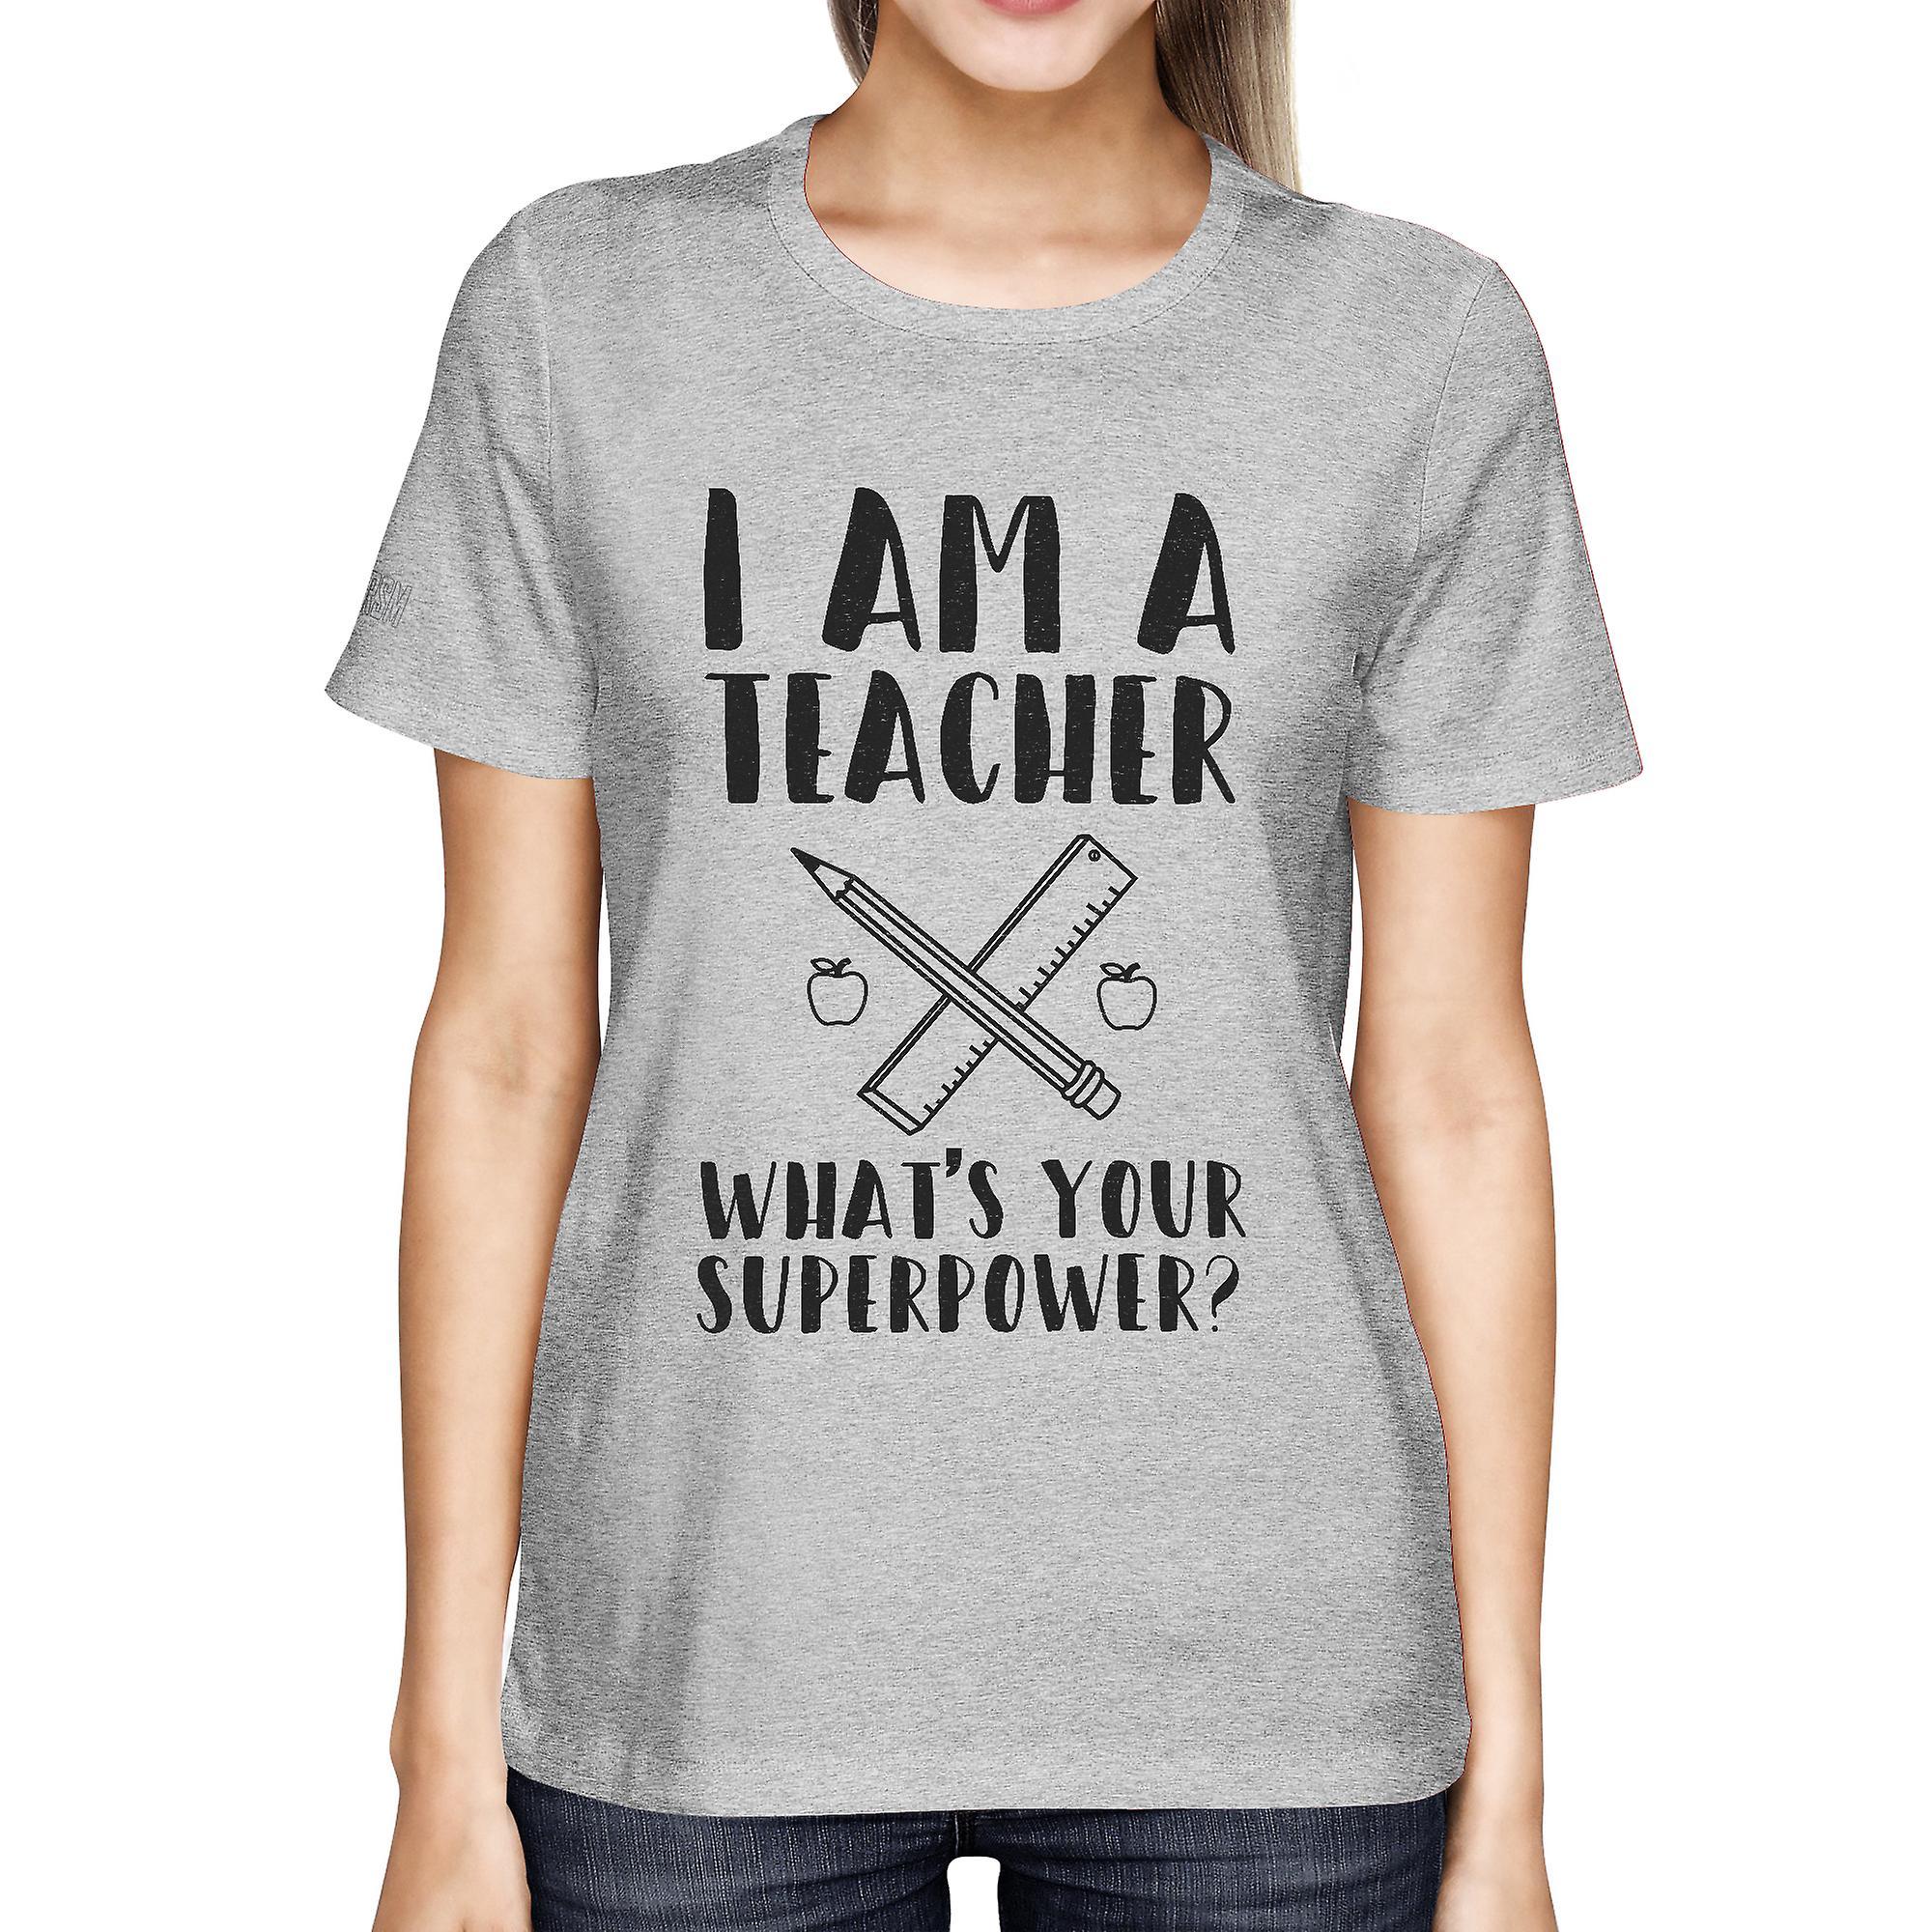 Jeg er lærer hva er din Solaris? Morsomme damenes Tee For